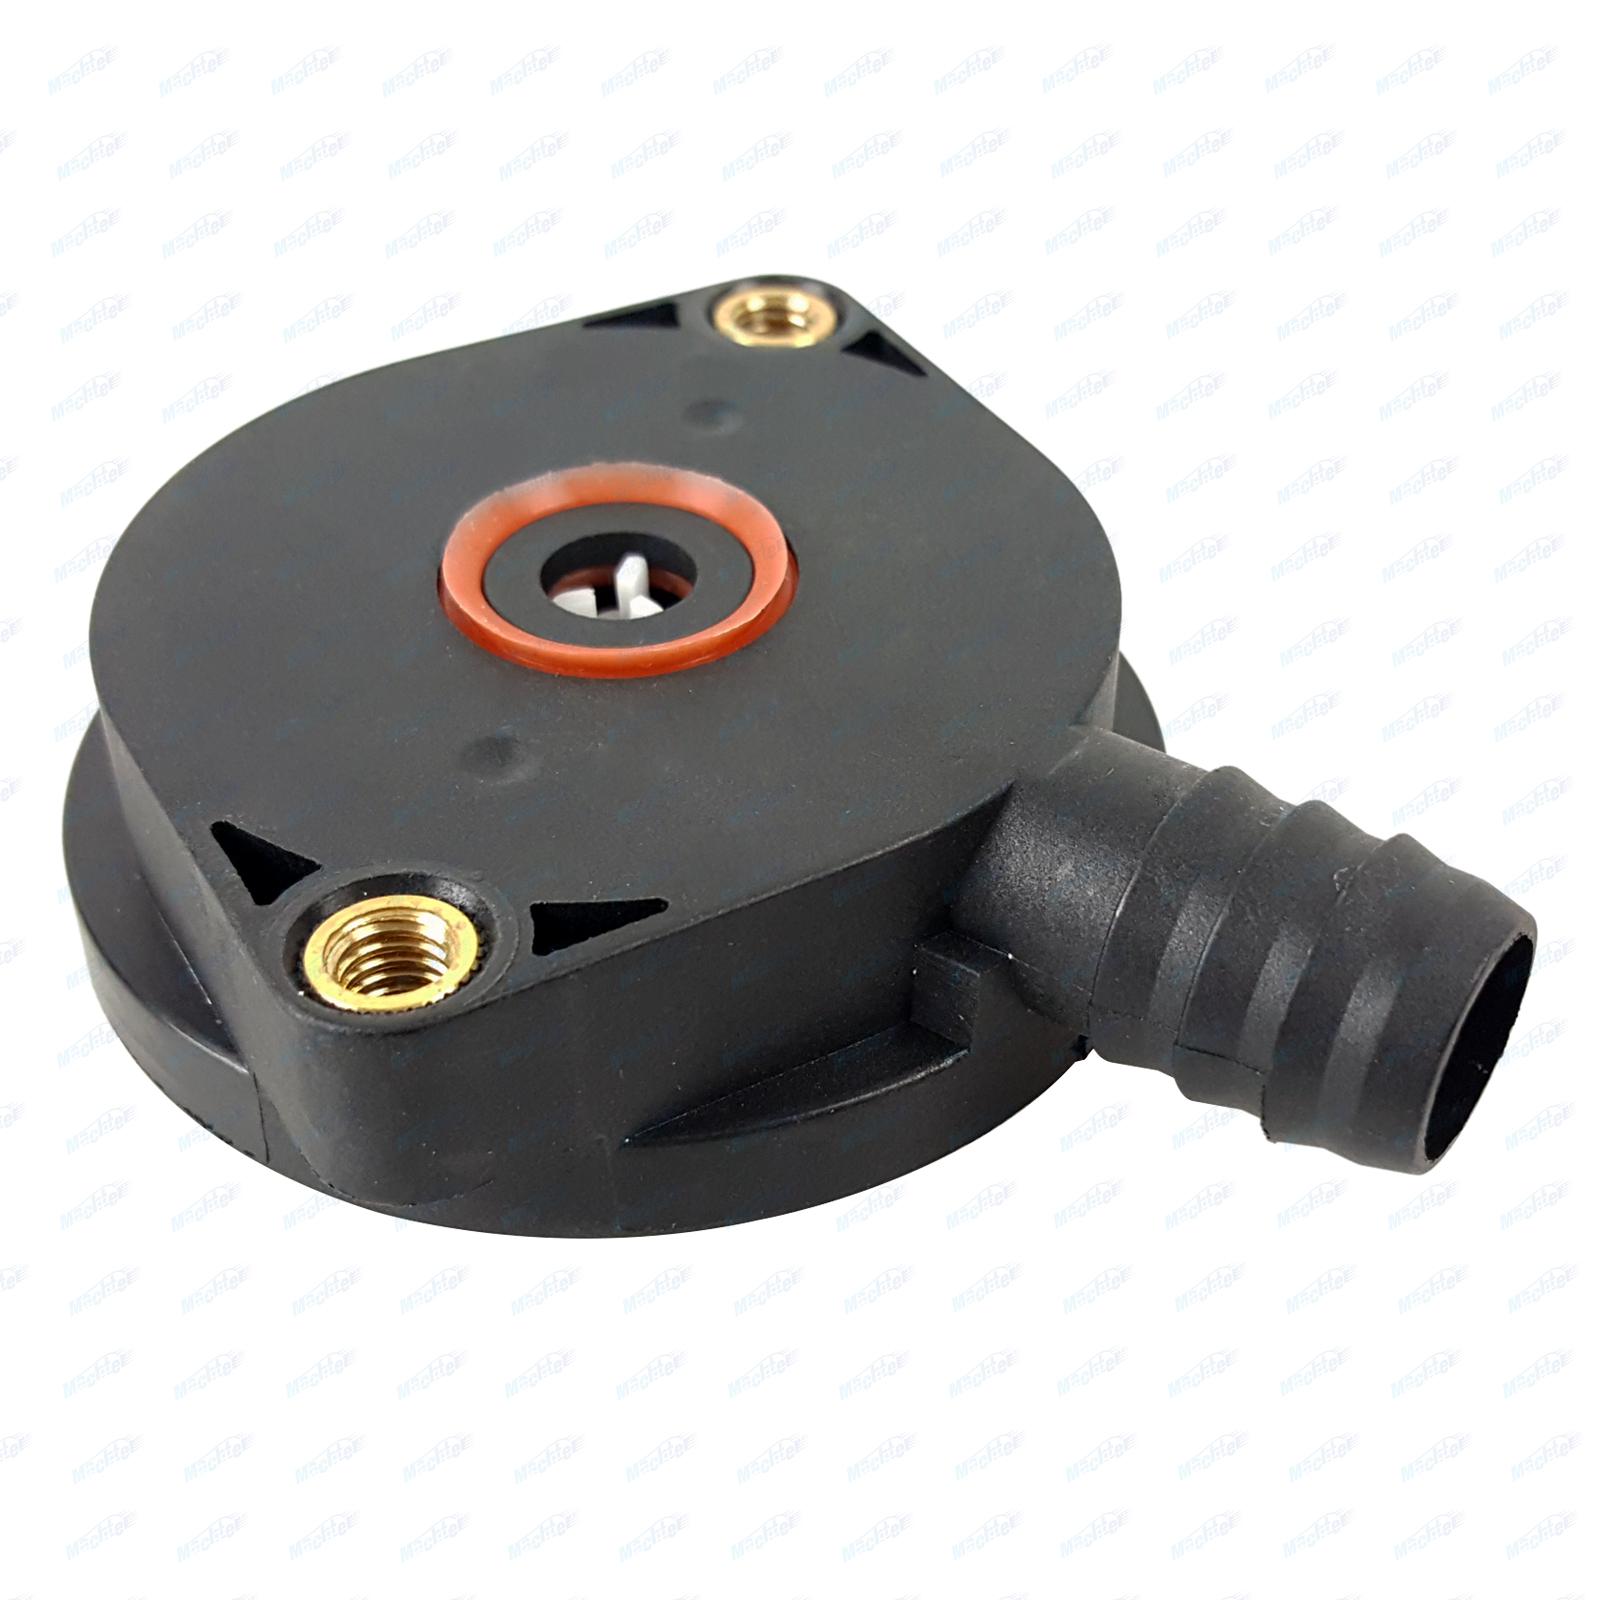 11157501567 Crankcase Vent Valve Pcv For Bmw E36 E46 316i 318i 518i Z3 Brand New Ebay